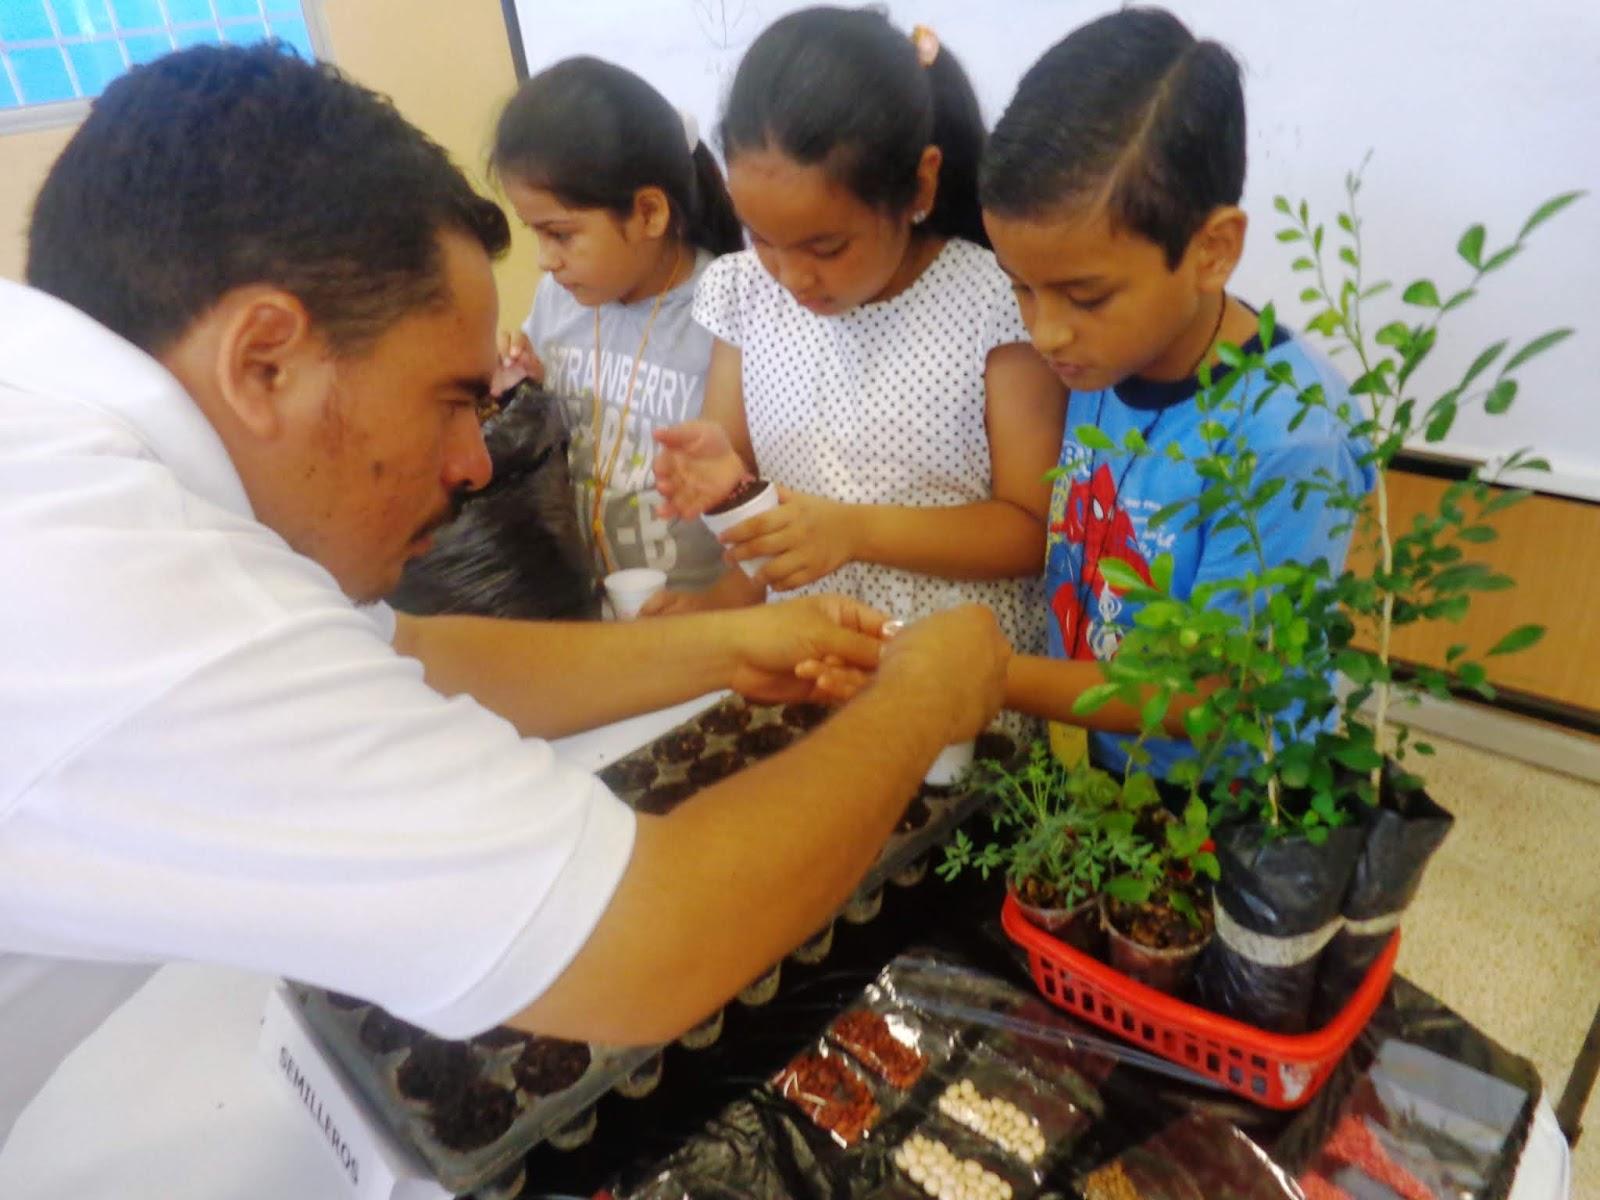 El Centro Polifuncional ZUMAR celebró sus 15 años